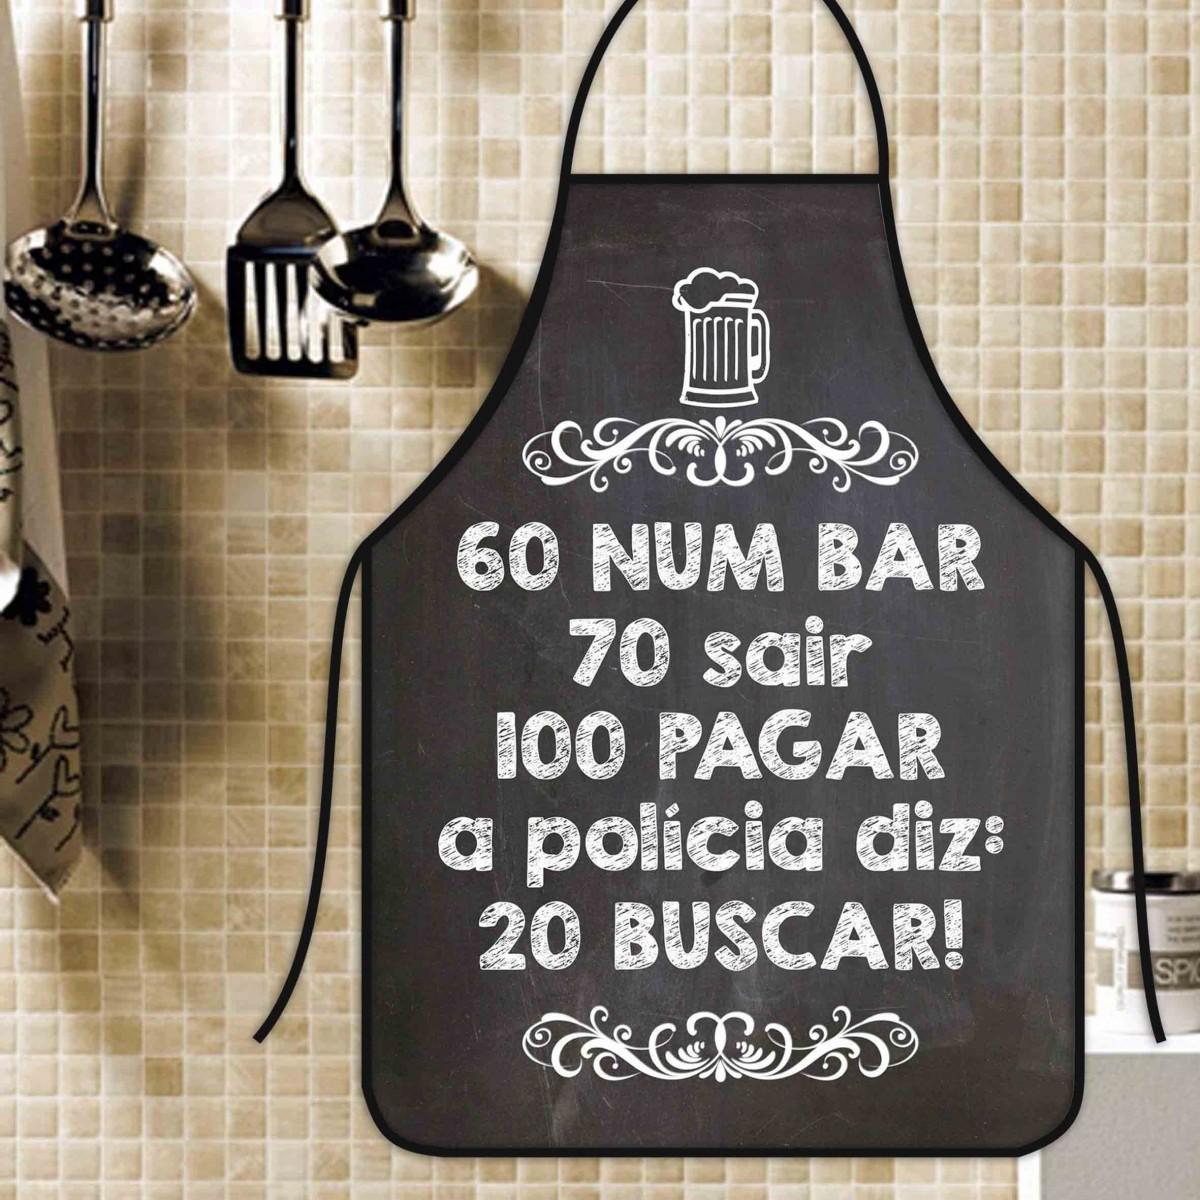 Avental Divertido E Personalizado: 60 Num Bar  - RECANTO DA COSTURA